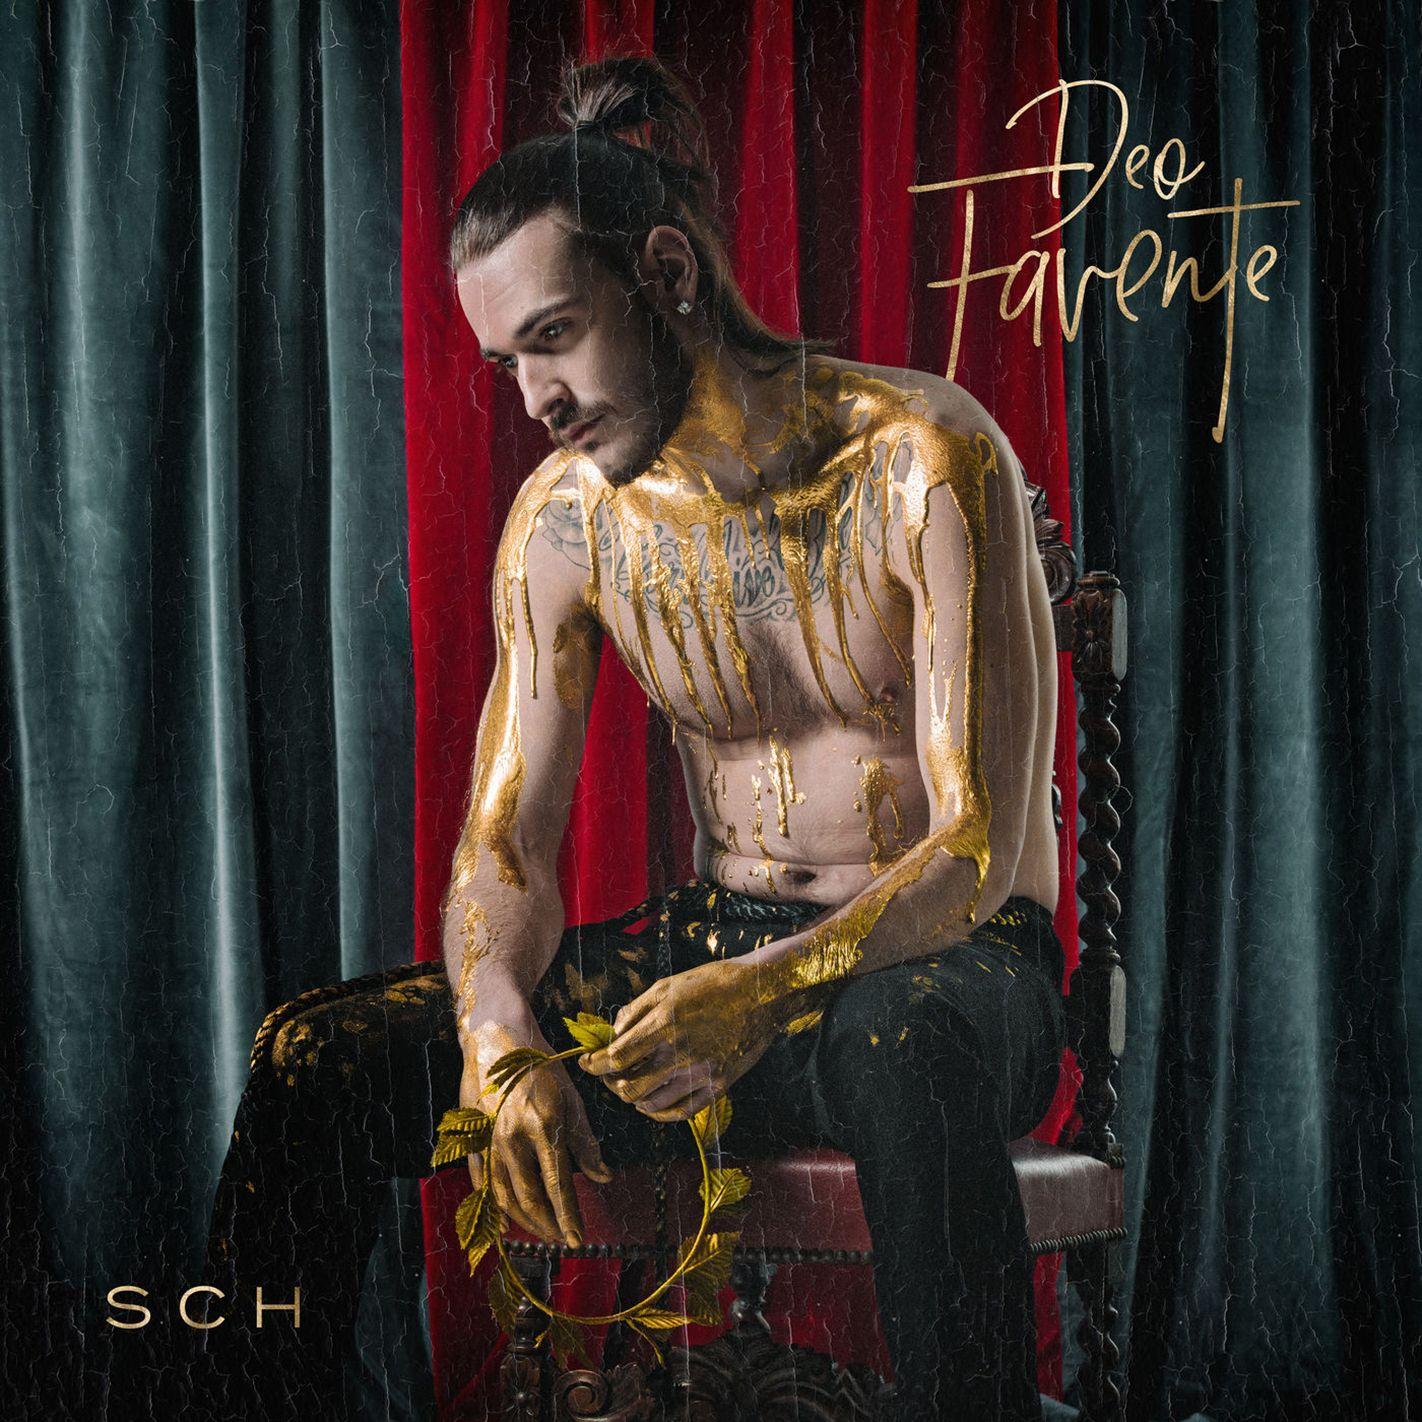 Sch - Deo Favente album cover